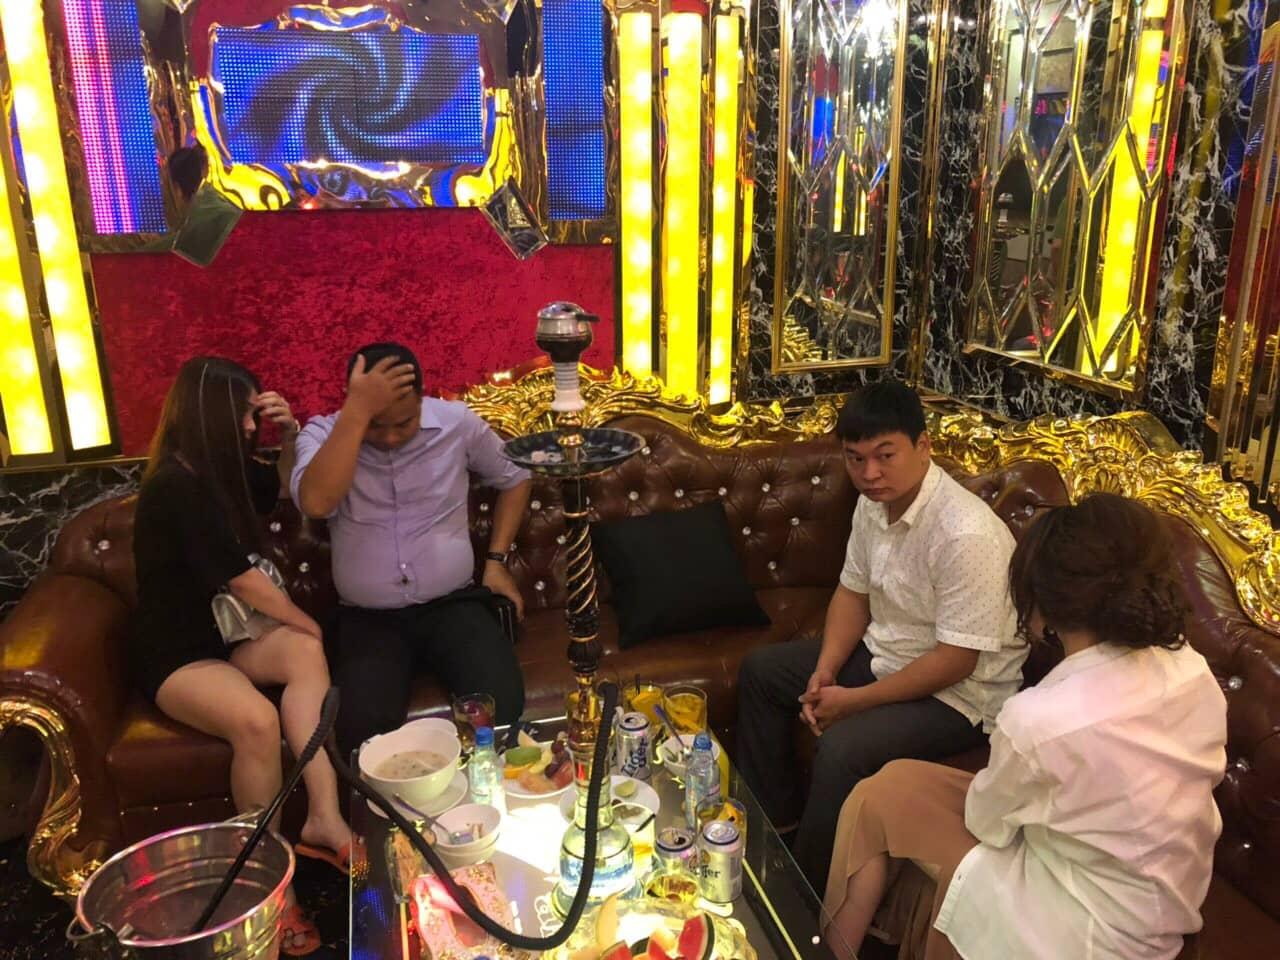 2 nữ tiếp viên bán dâm giá 4 triệu/lượt ở khách sạn trung tâm TP.HCM - Ảnh 2